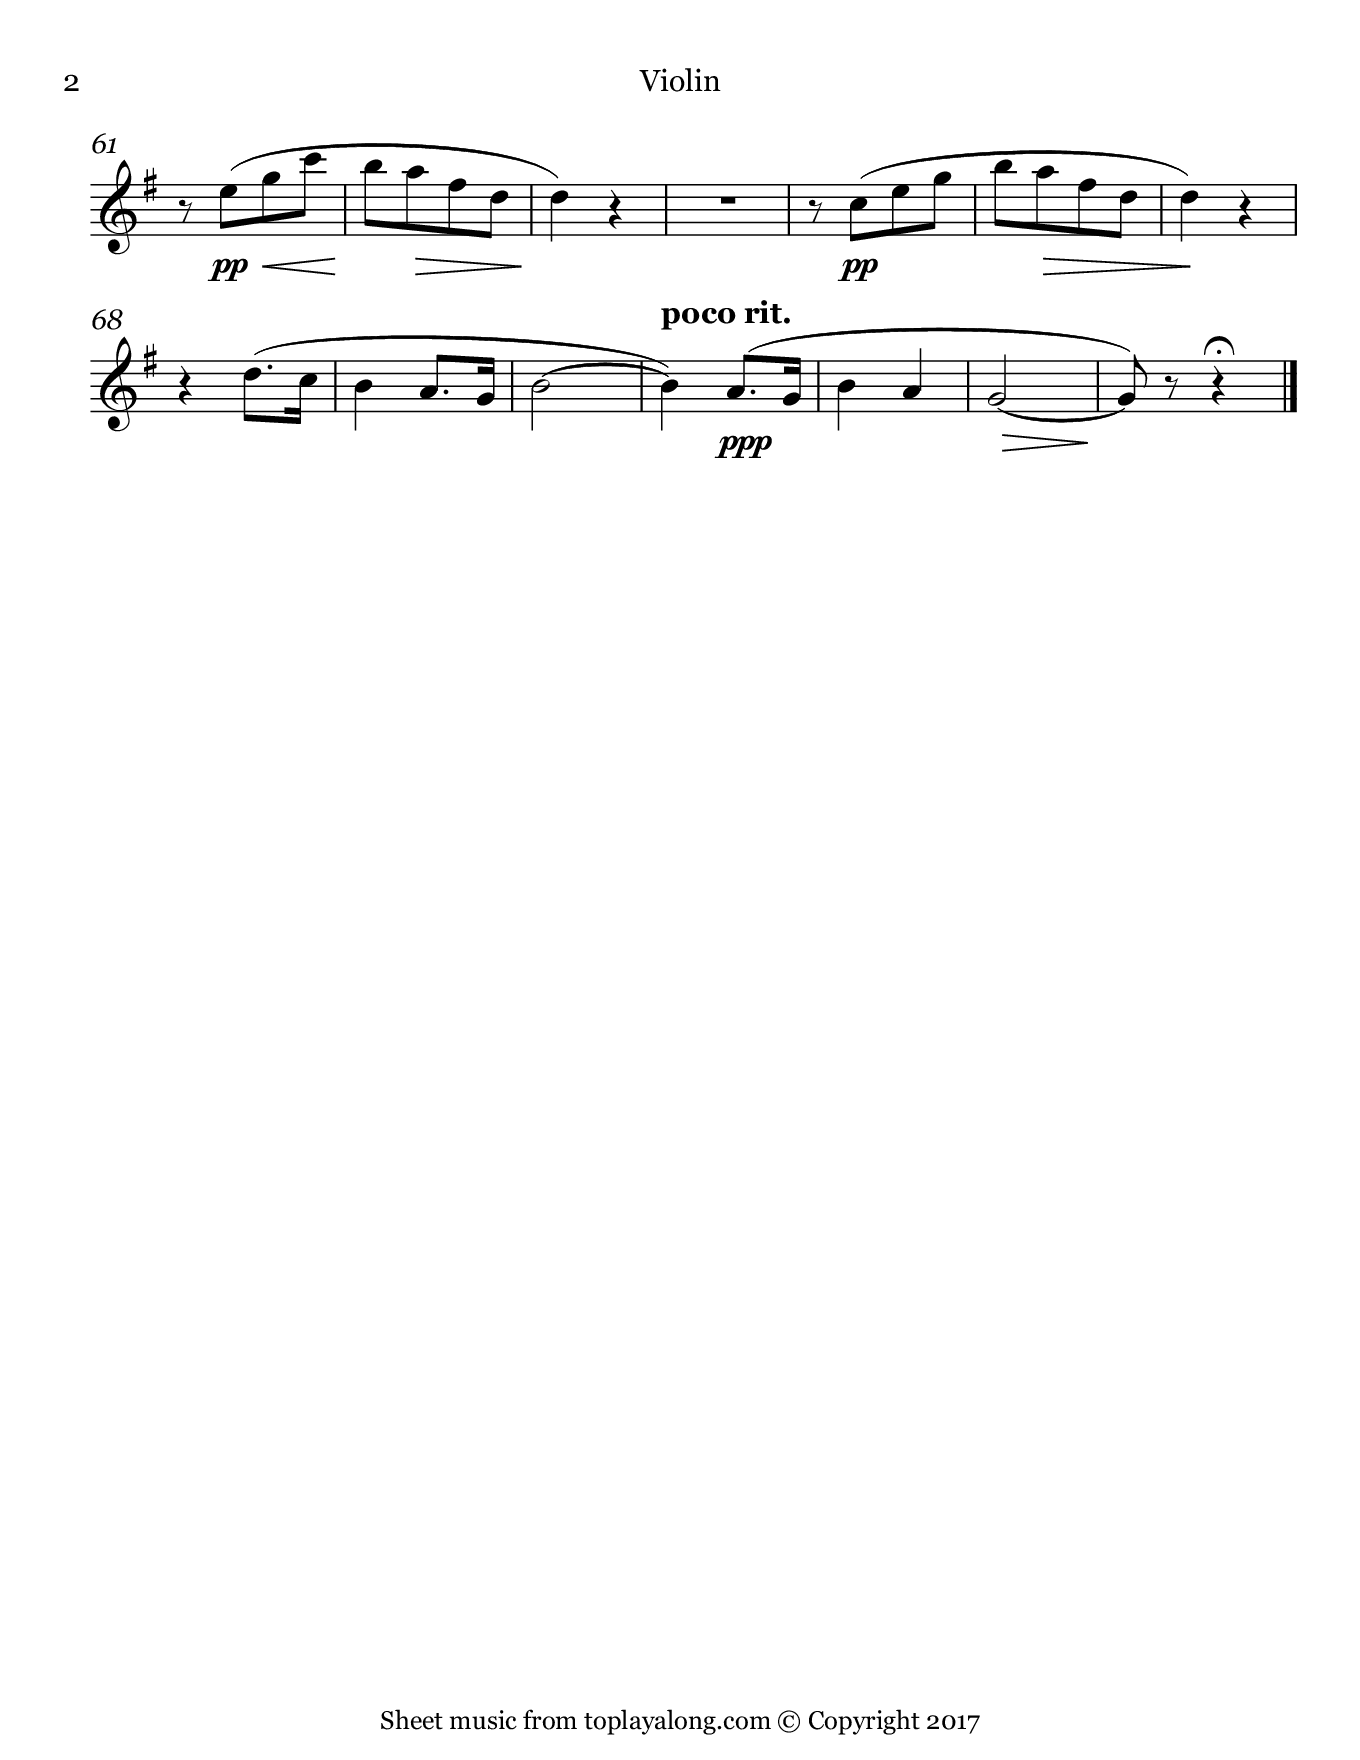 Romance sans paroles No. 3 by Fauré. Sheet music for Violin, page 2.